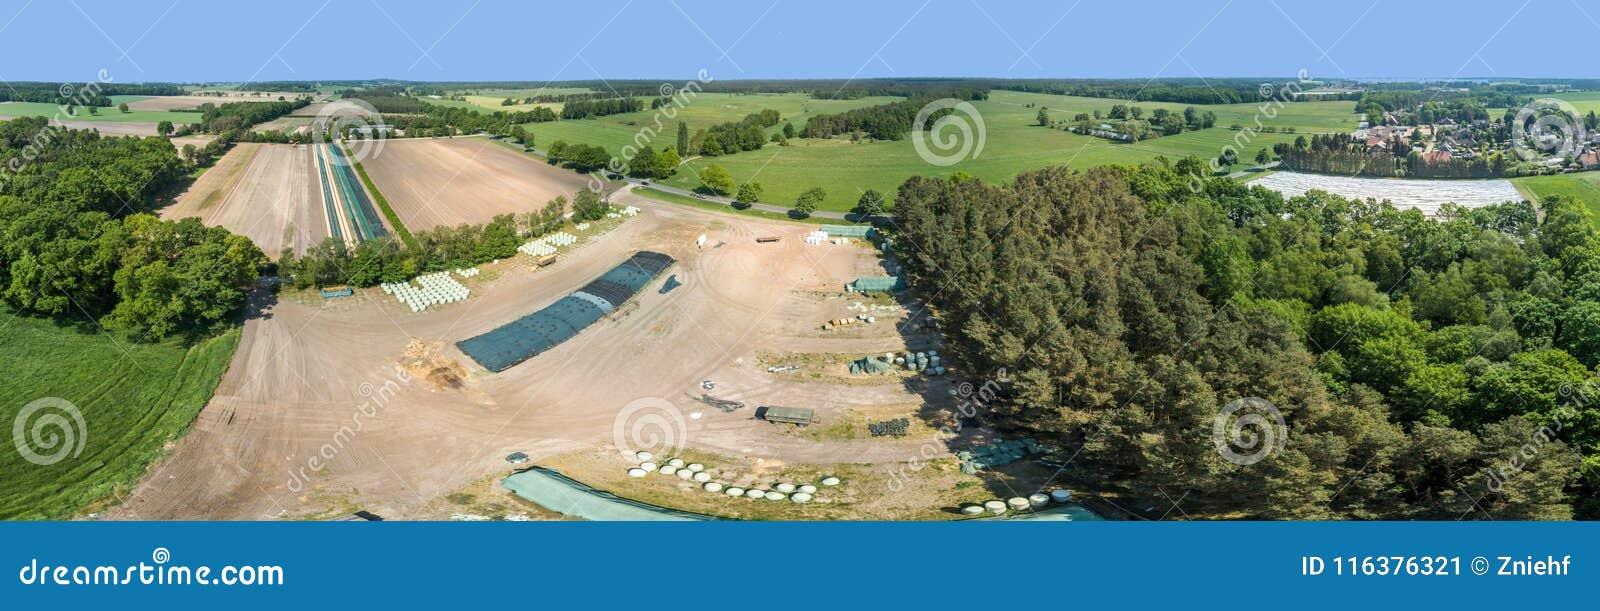 Lugar de uma exploração agrícola em Alemanha, panorama composto do armazenamento de fotos aéreas de alta resolução